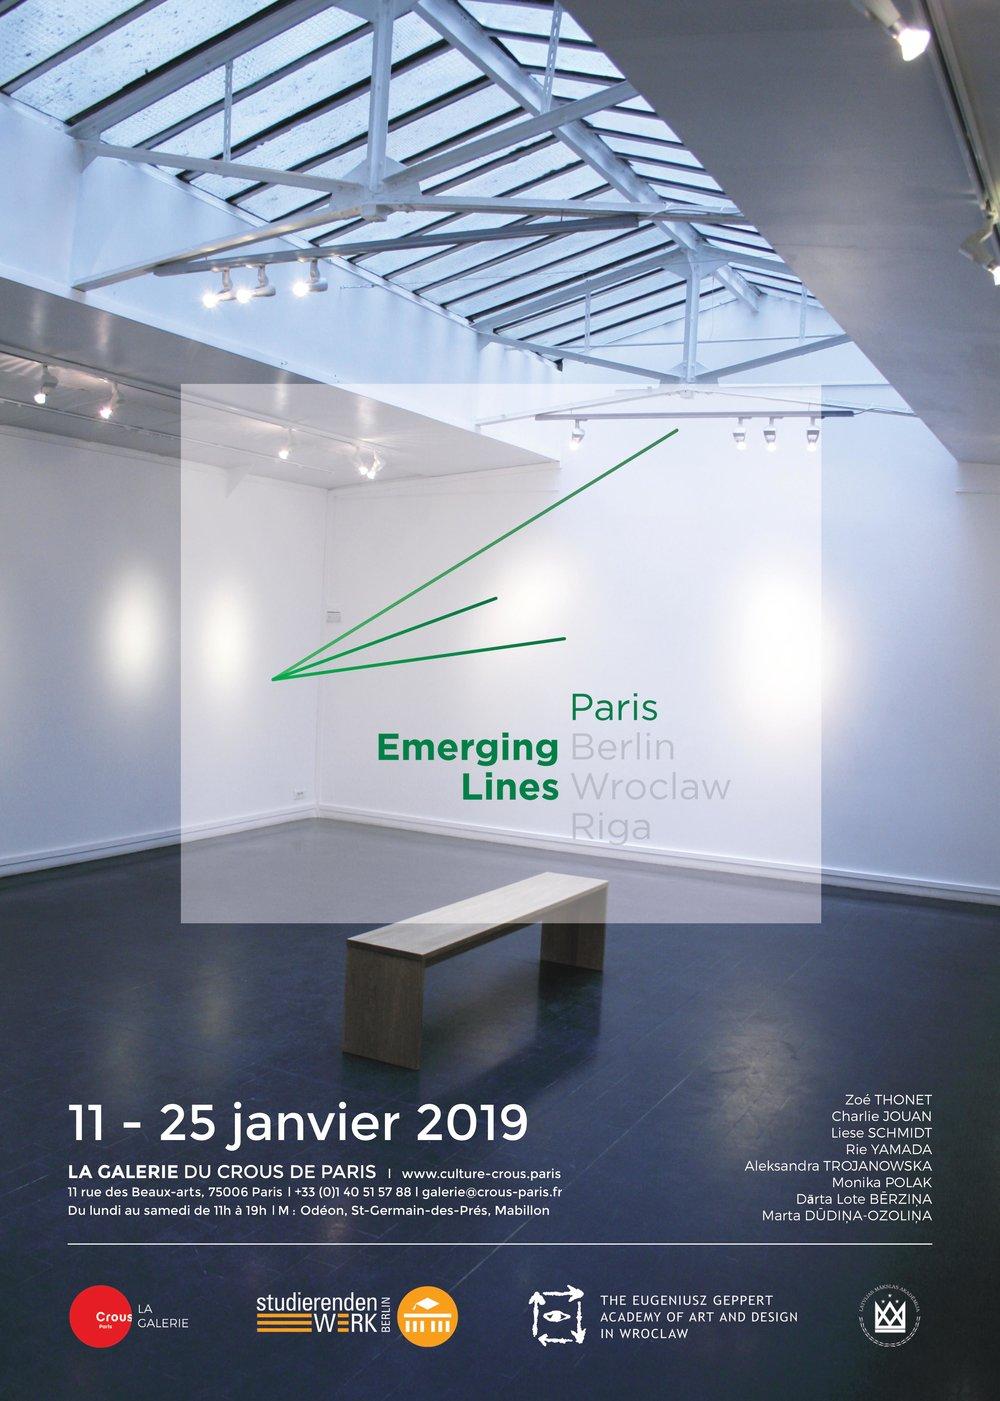 Exhibition in Paris   EMERGING LINES PARIS #1 La Galerie du Crous de Paris 11. – 25. January 2019 Vernissage: 11. January 2019, 18h - 21h